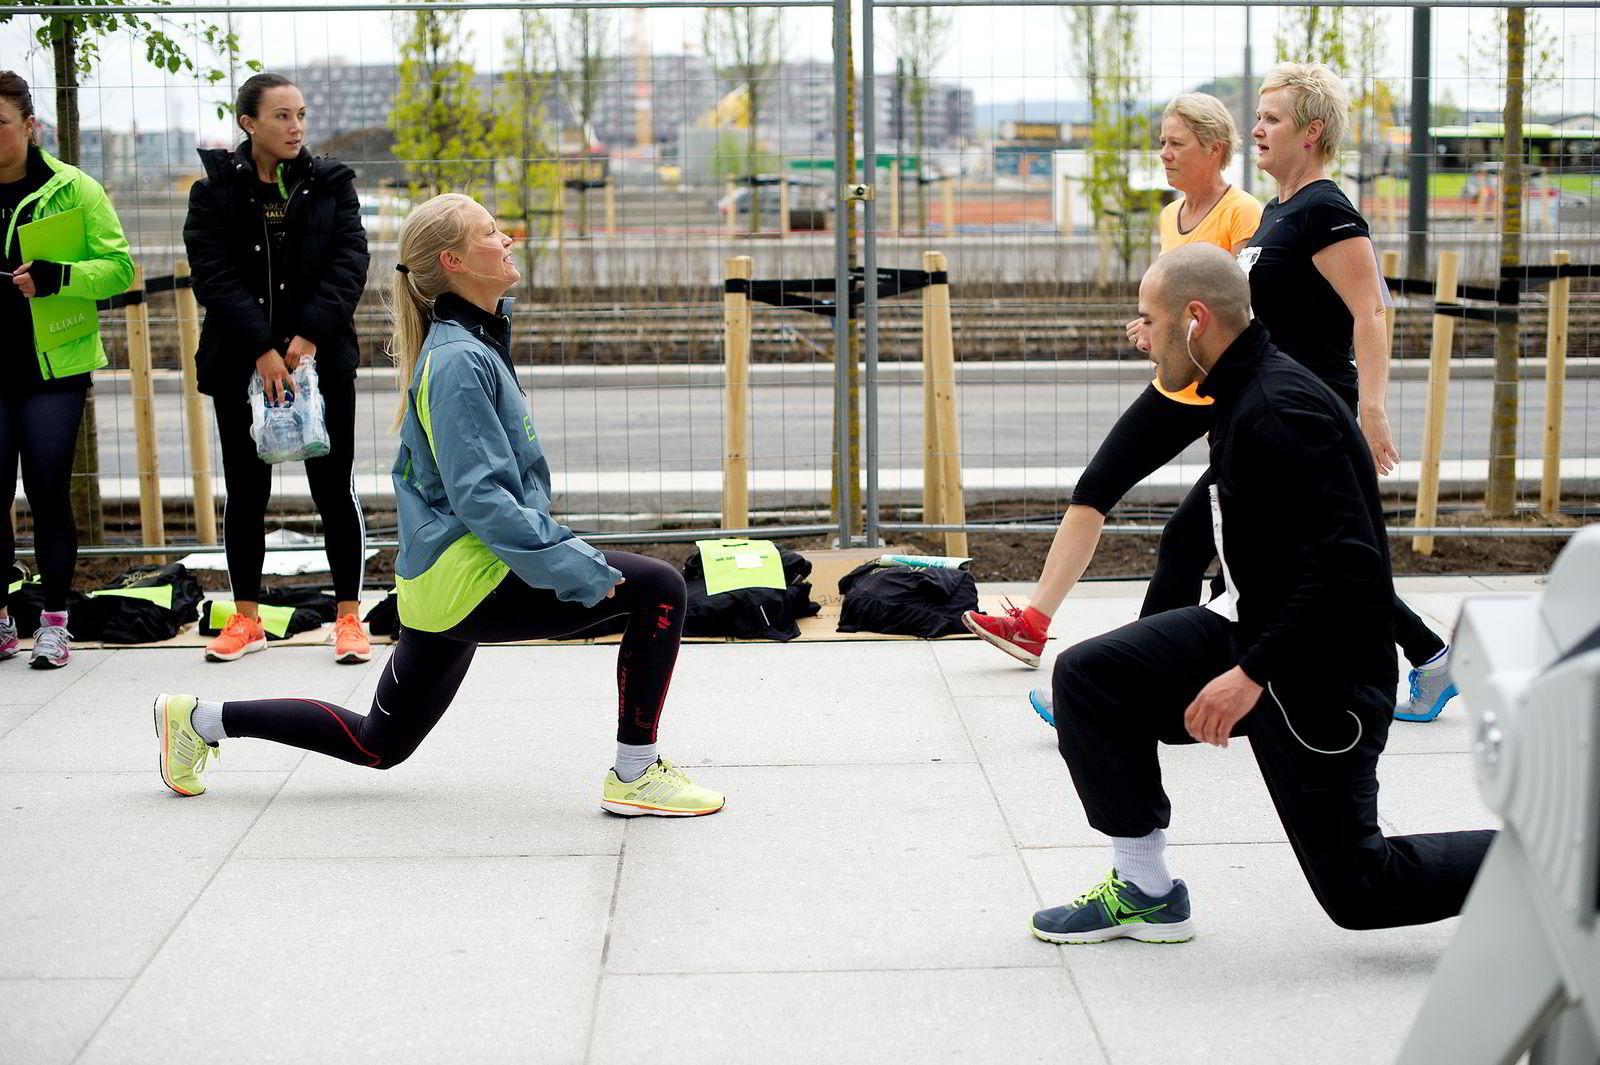 OPPVARMING: Personlig trener ved Elixia, Hedvig Bang (til venstre) ledet oppvarmingen, som var høyst nødvendig denne kalde maidagen i Bjørvika. FOTO: Mikalela Berg